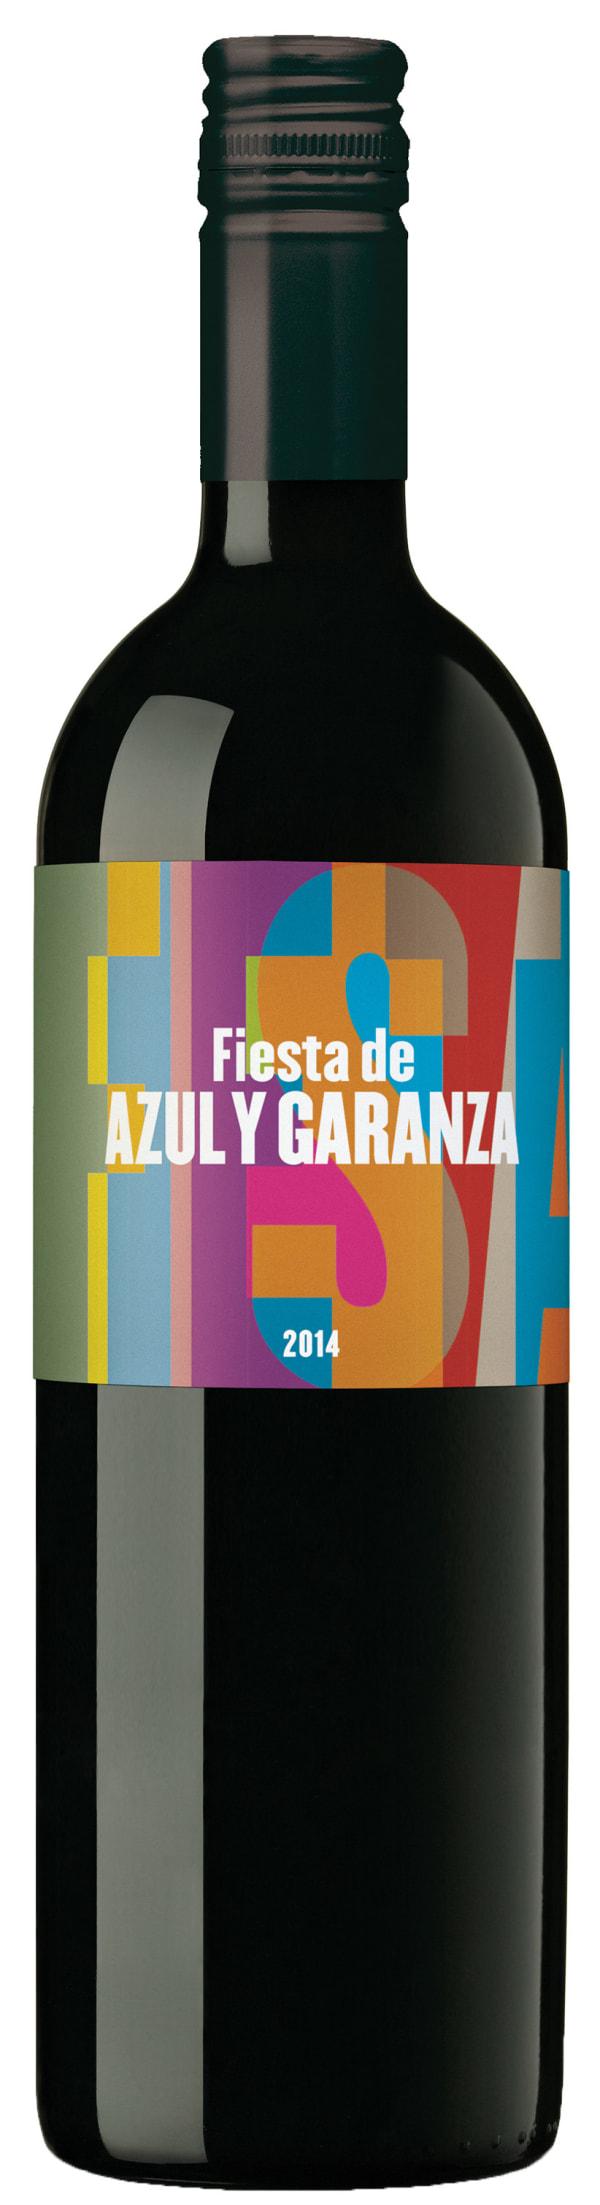 Fiesta de Azul y Garanza 2014